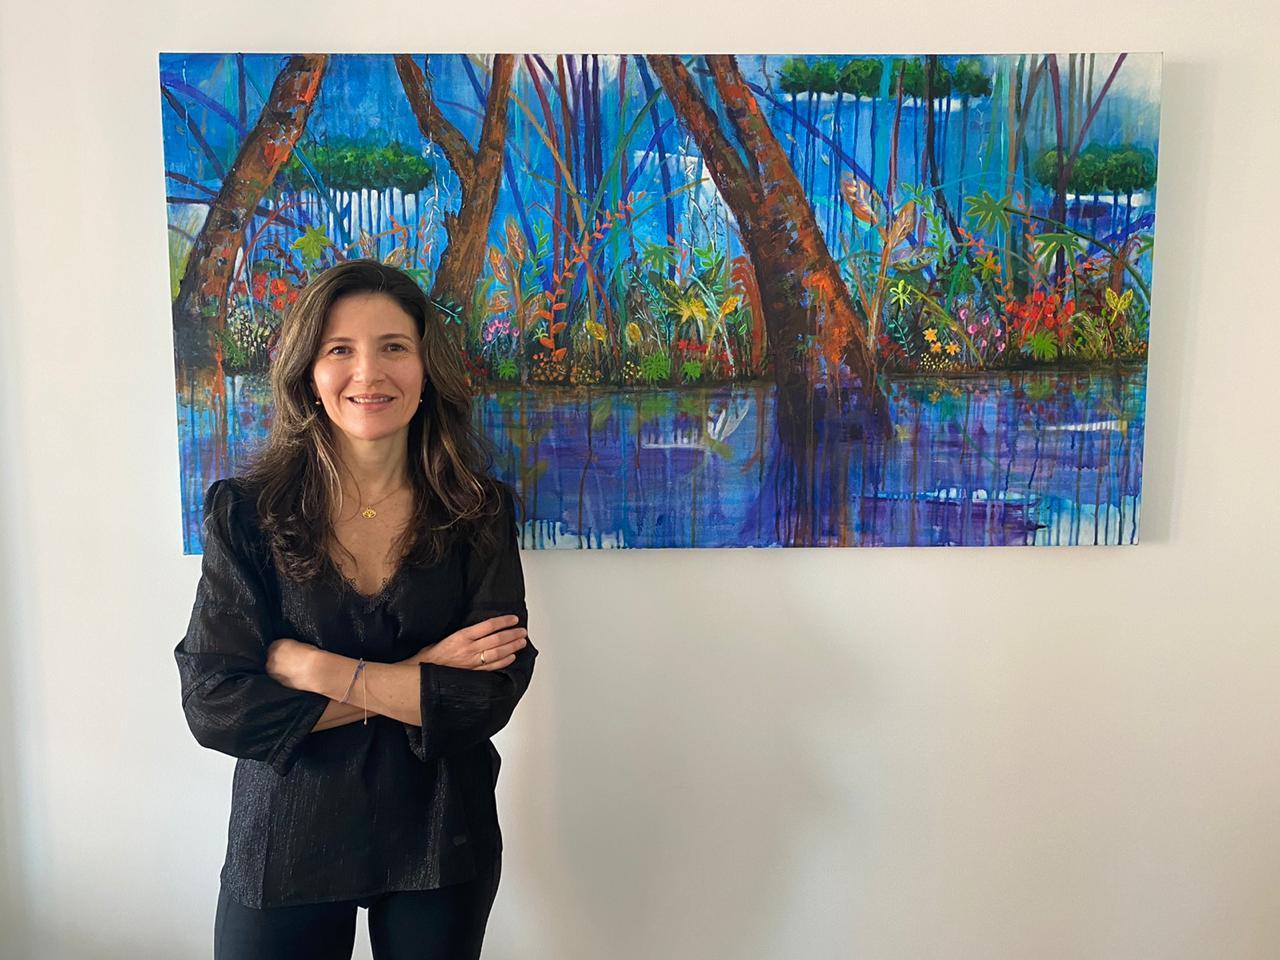 Claudia Gutierrez - Gerente de Transferencia Alternativa de Riesgos de Suramericana